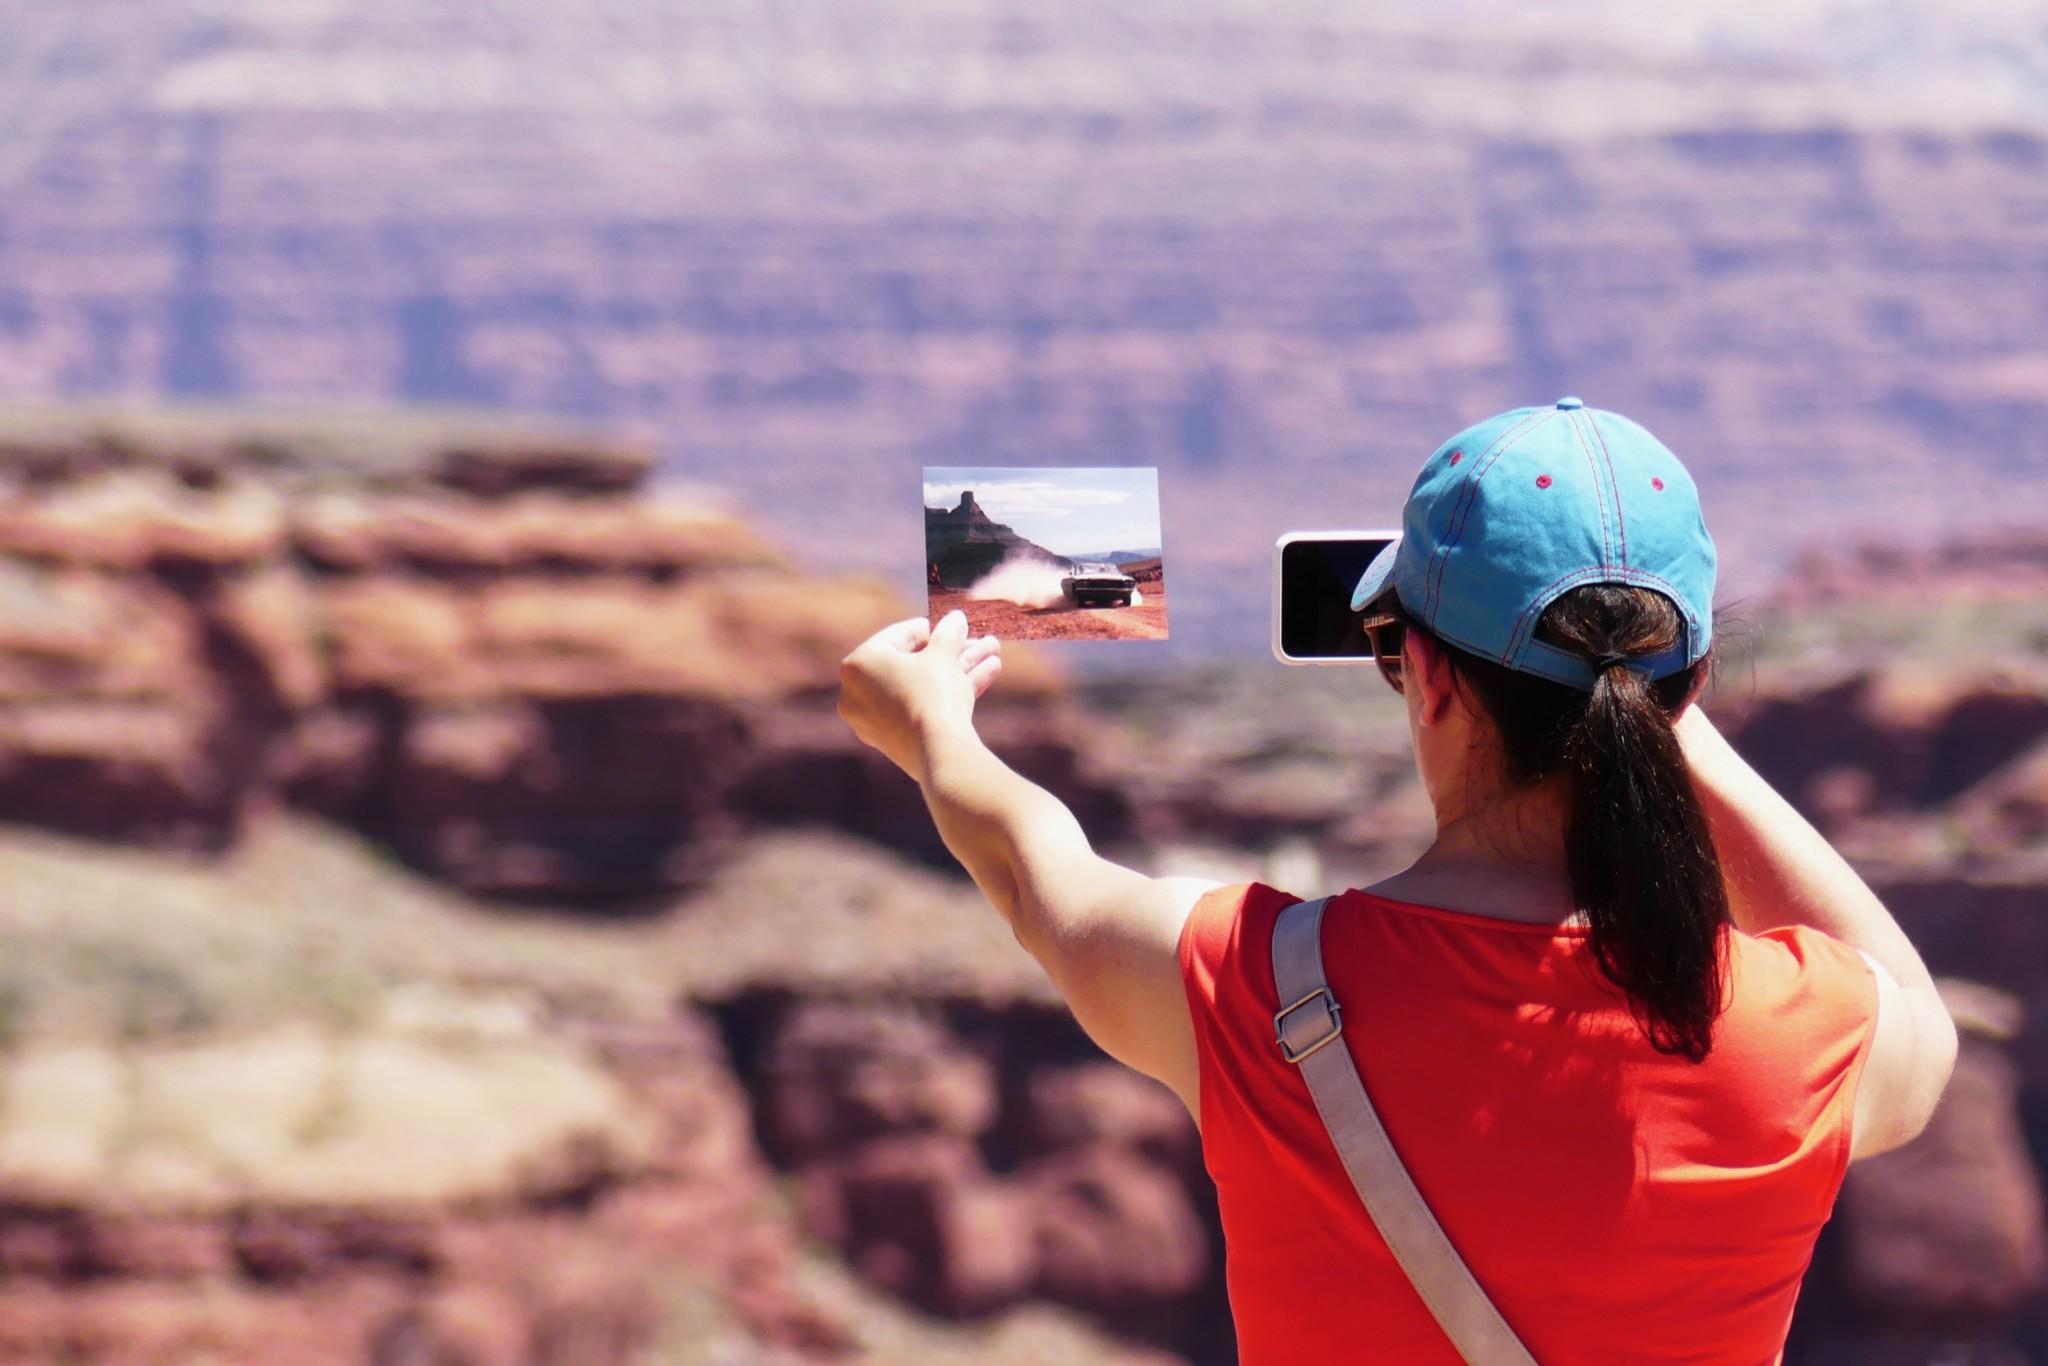 Filmtourismus: Am Drehort von Thelma und Louise in Utah